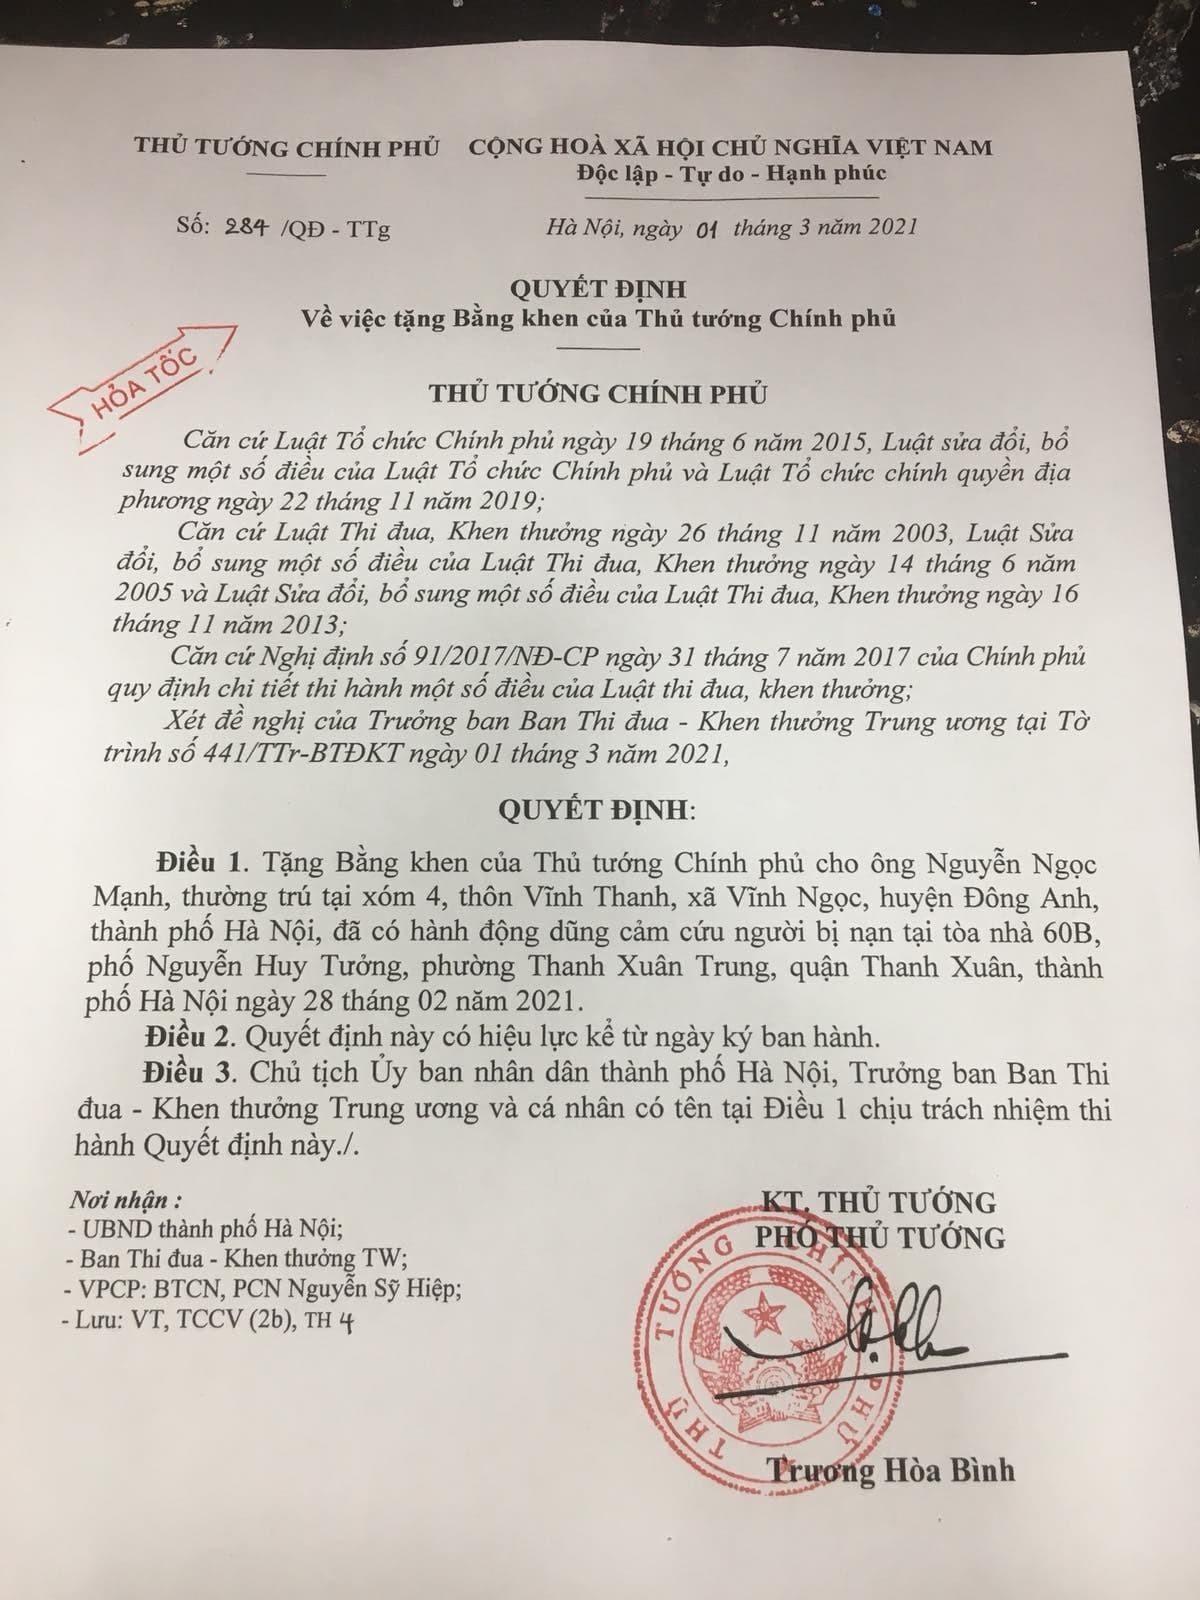 Quyết định tặng bằng khen của Thủ tướng đối với anh Nguyễn Ngọc Mạnh